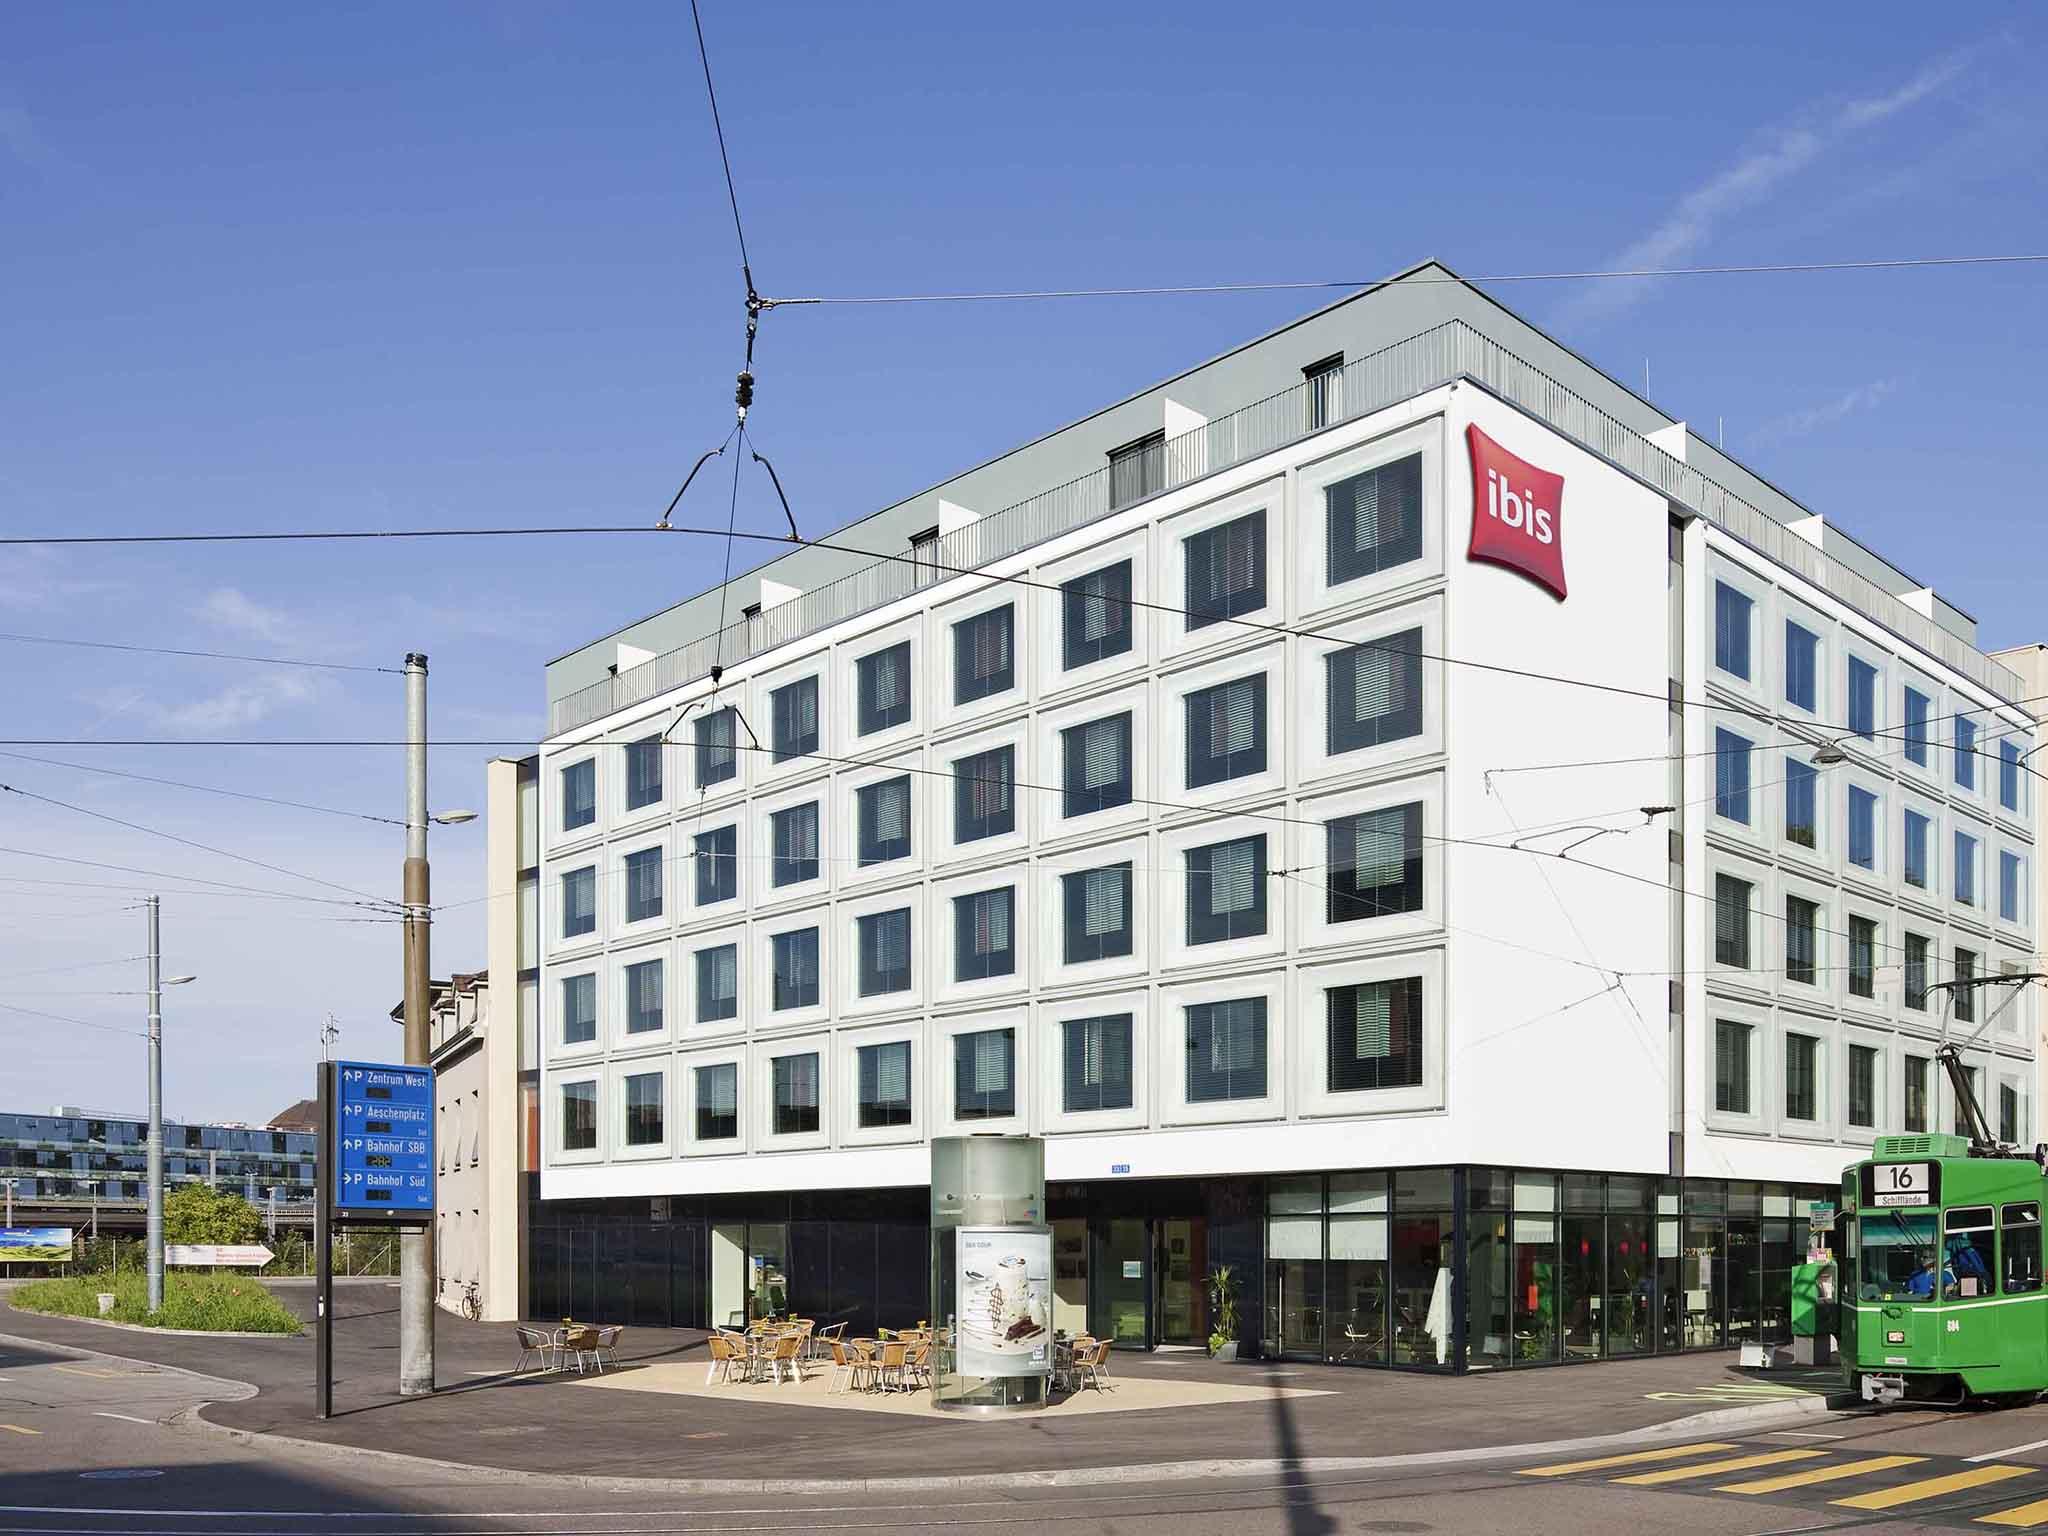 ホテル – イビスバーゼルバーンホフ